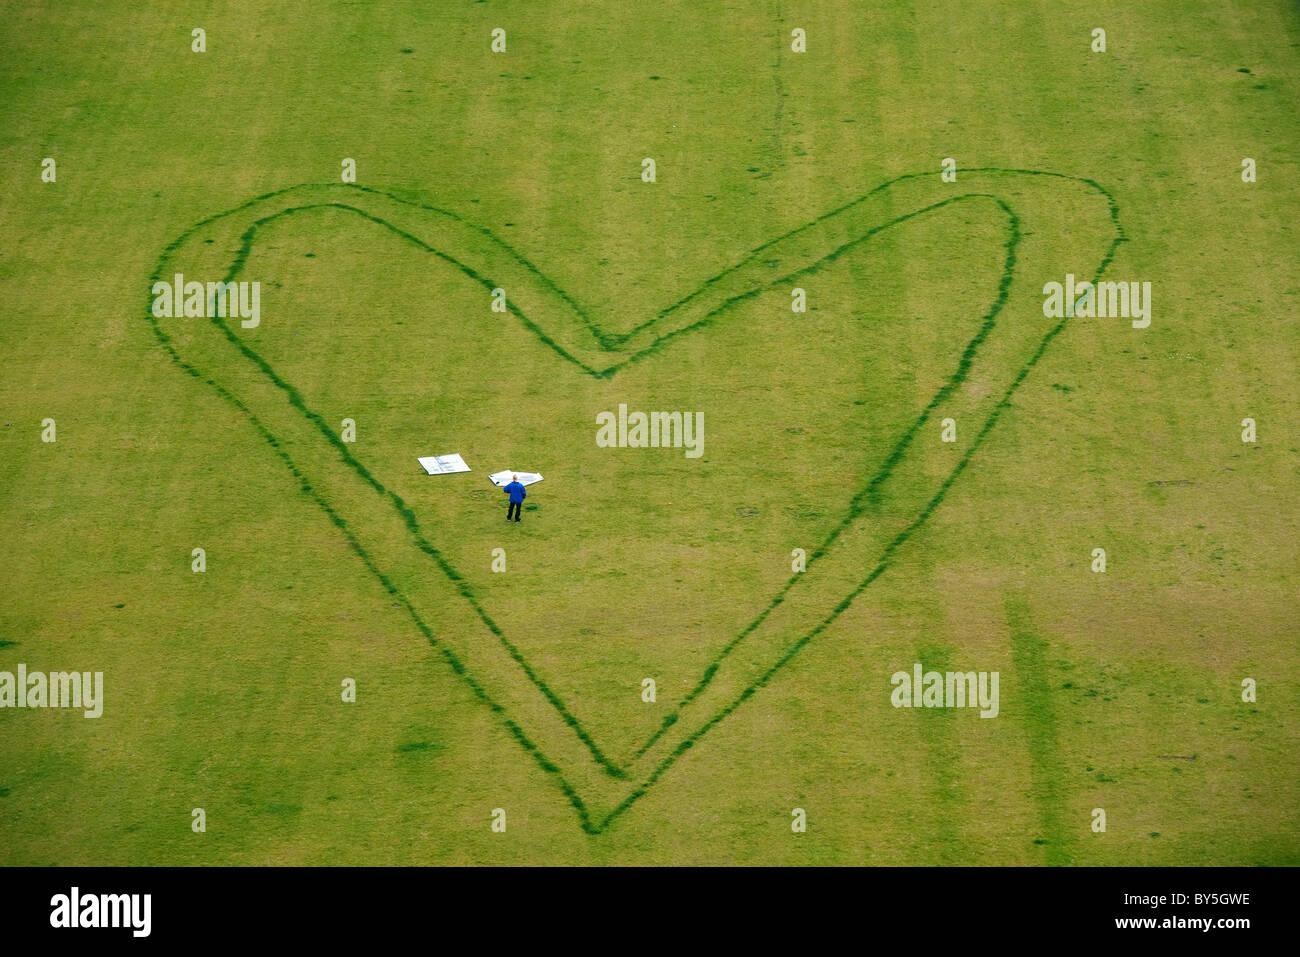 Alemania,Berlín, diseño de corazón gigante sobre el césped con una persona de pie dentro de Imagen De Stock